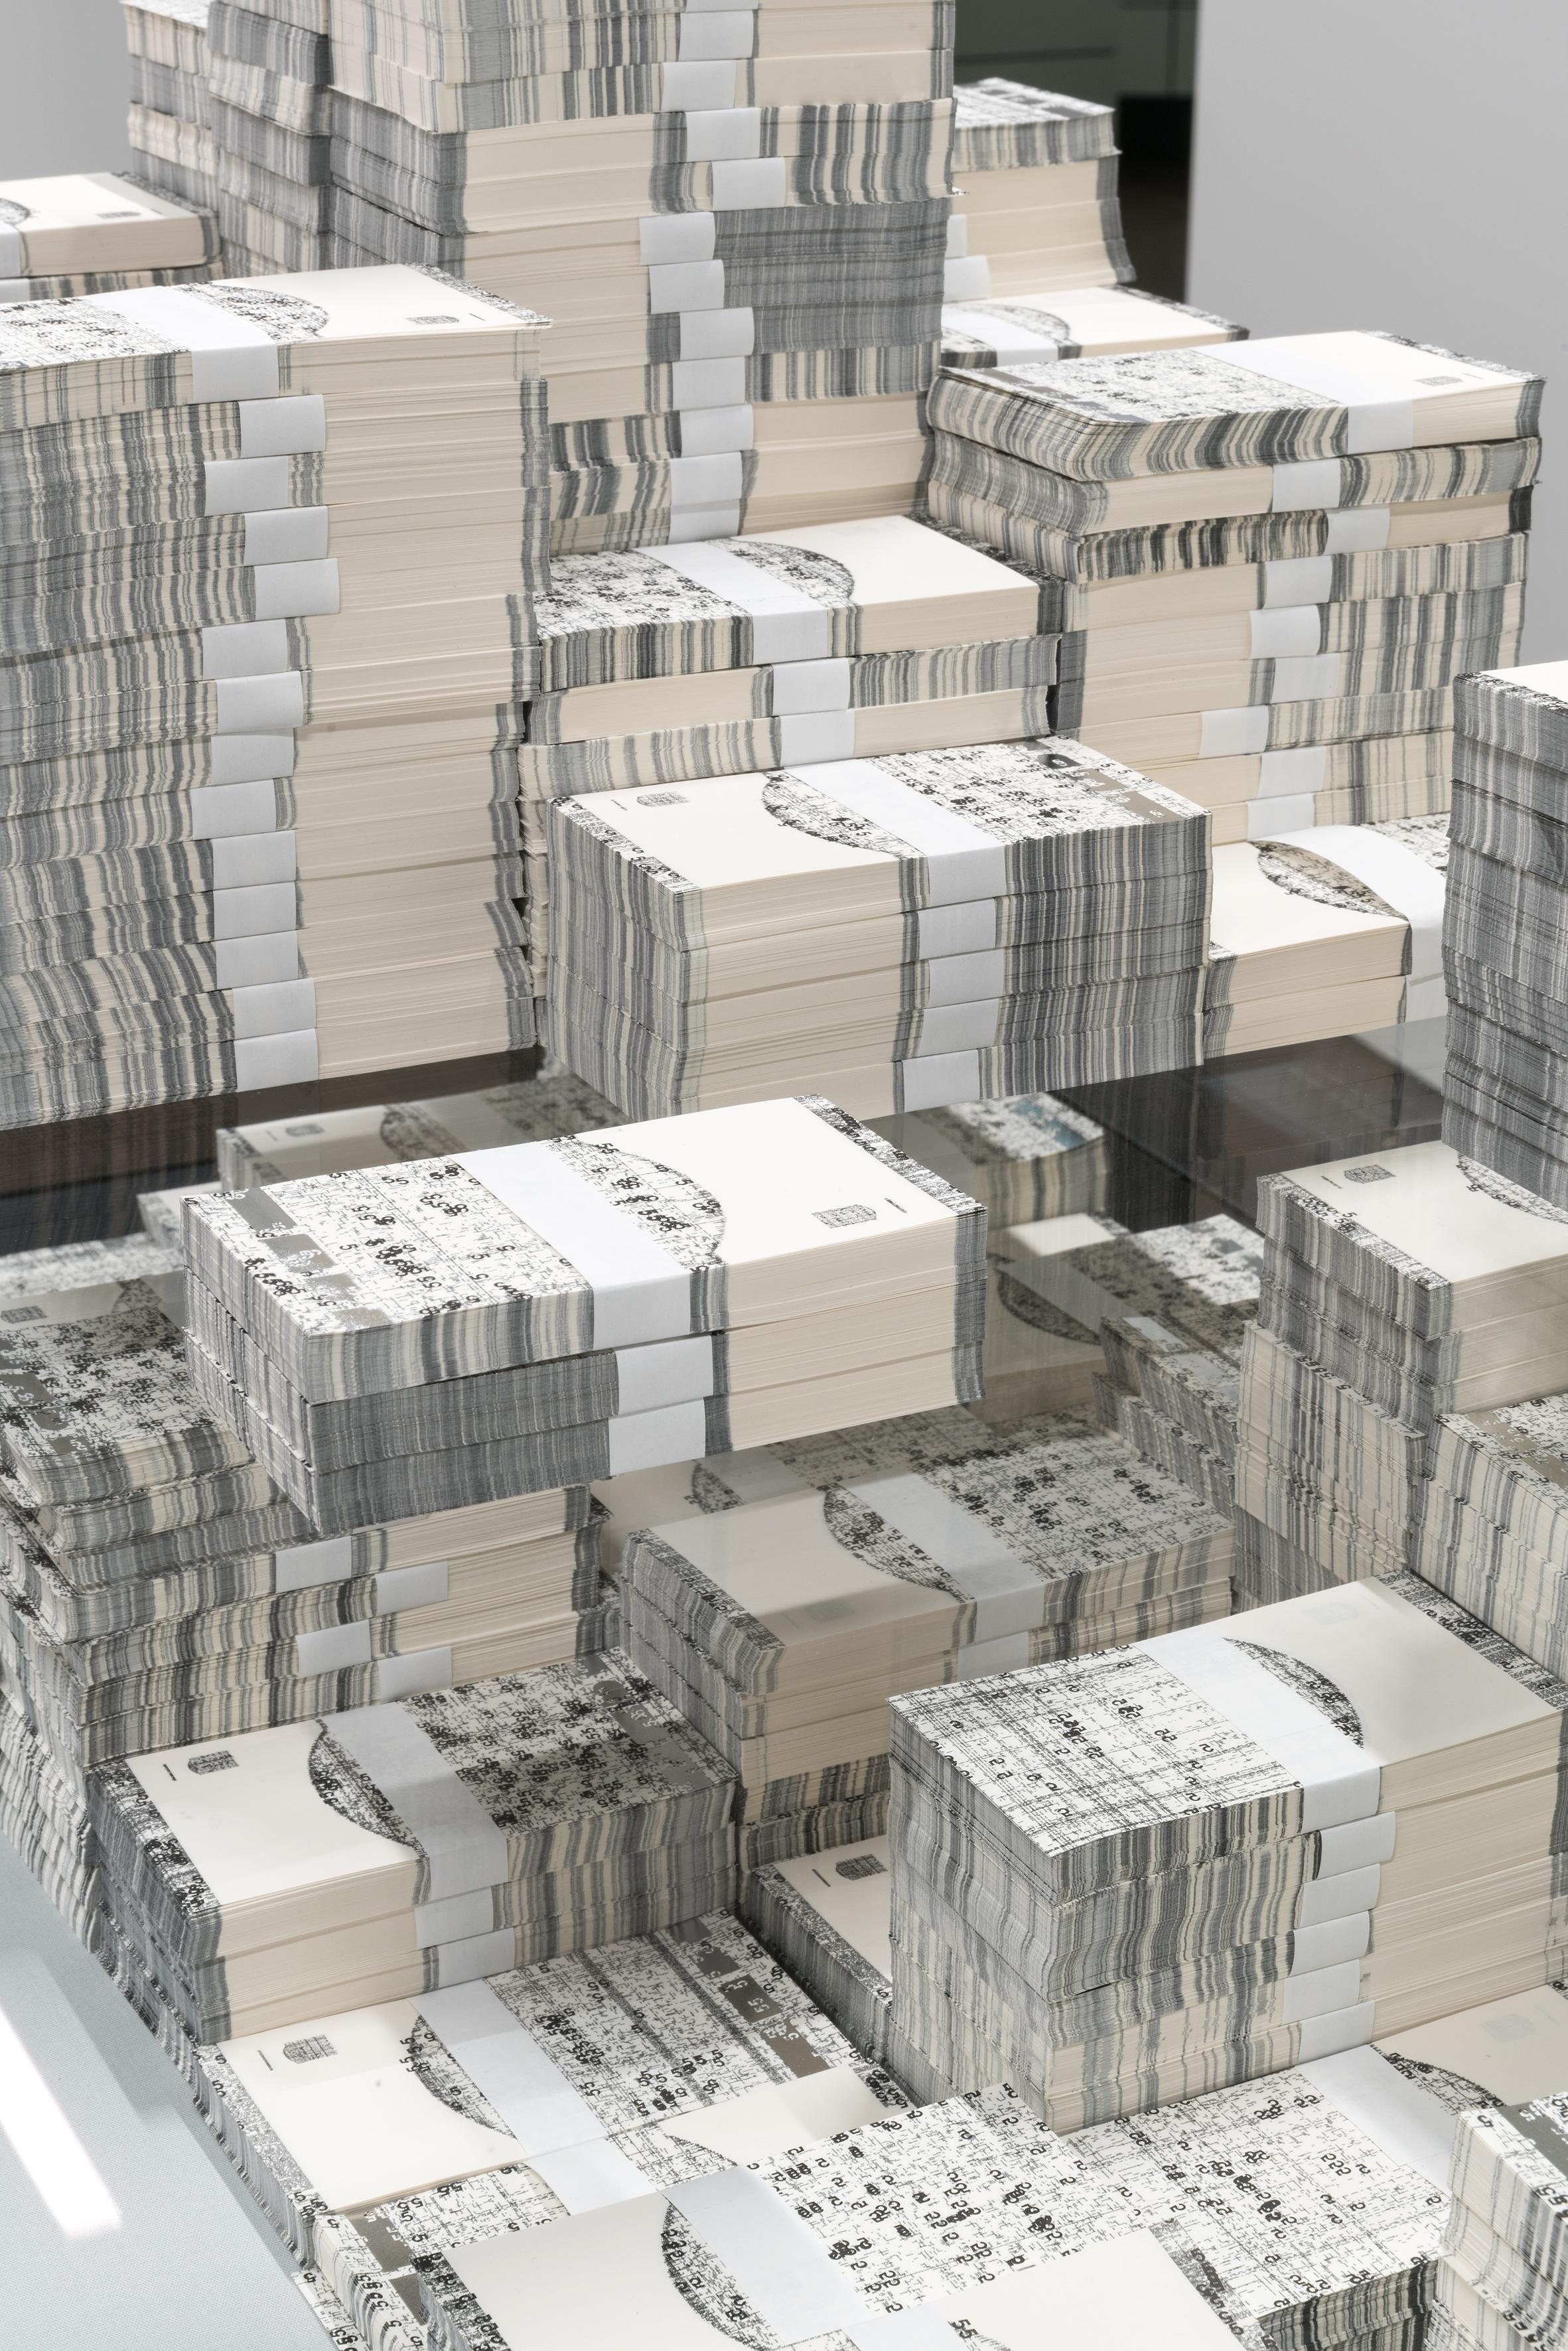 Künstler Michael Riedel Wird Zum Geldmacher Bei Der Bundesbank